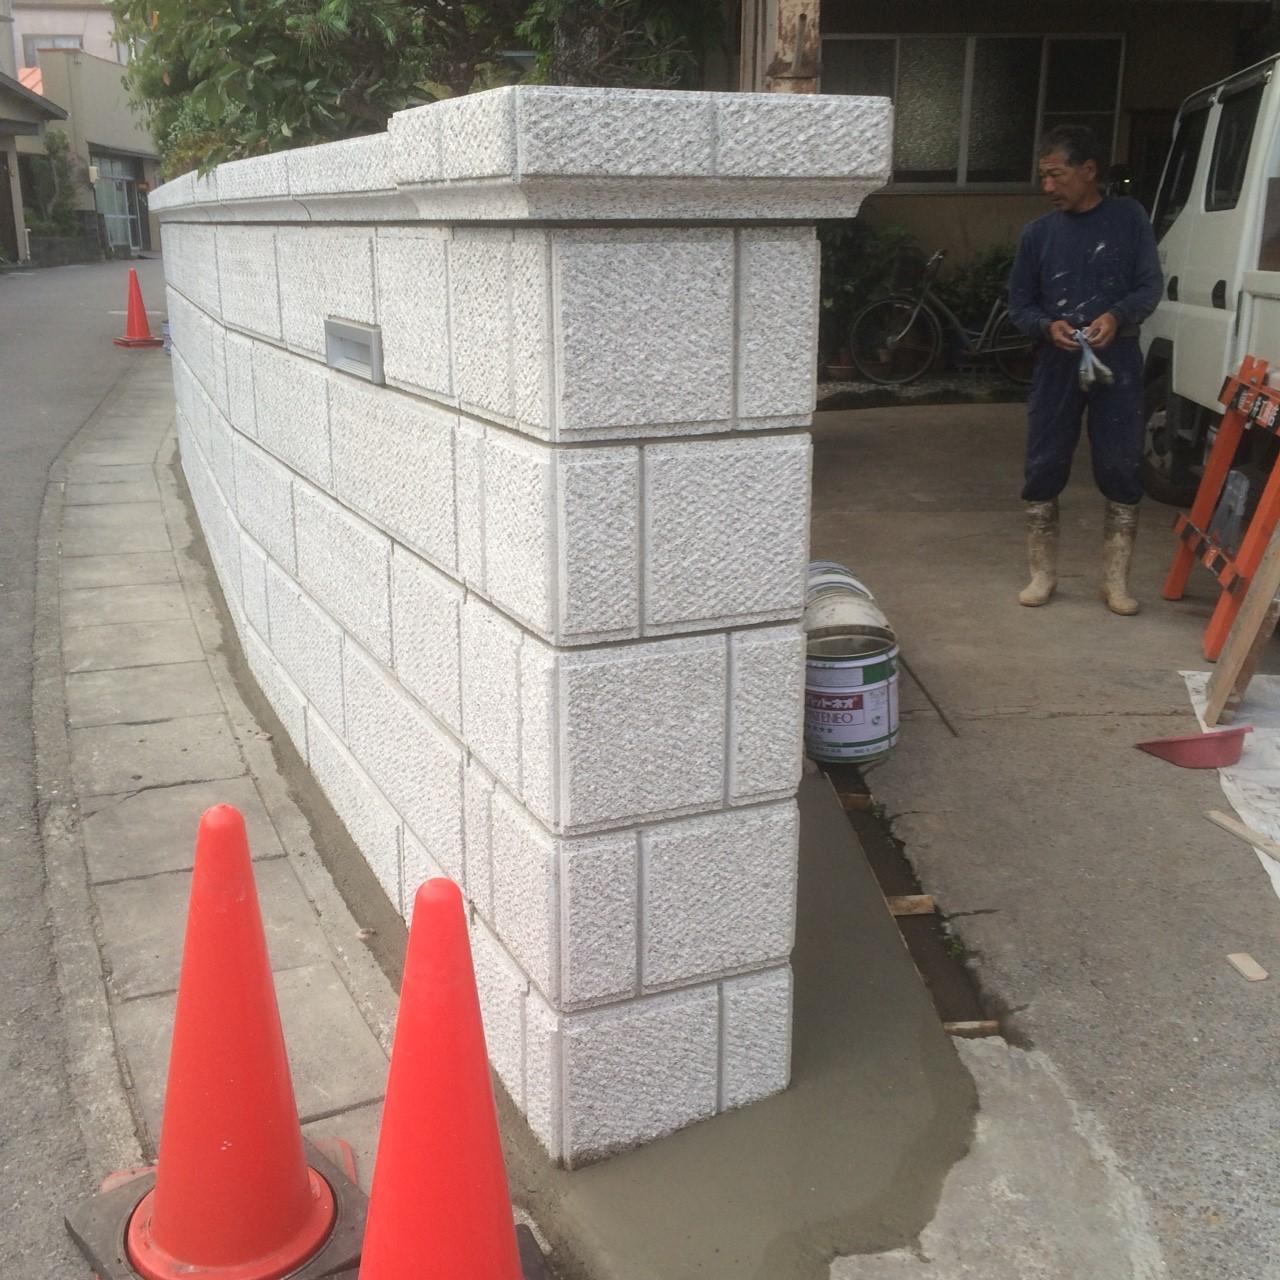 清水区 外構工事